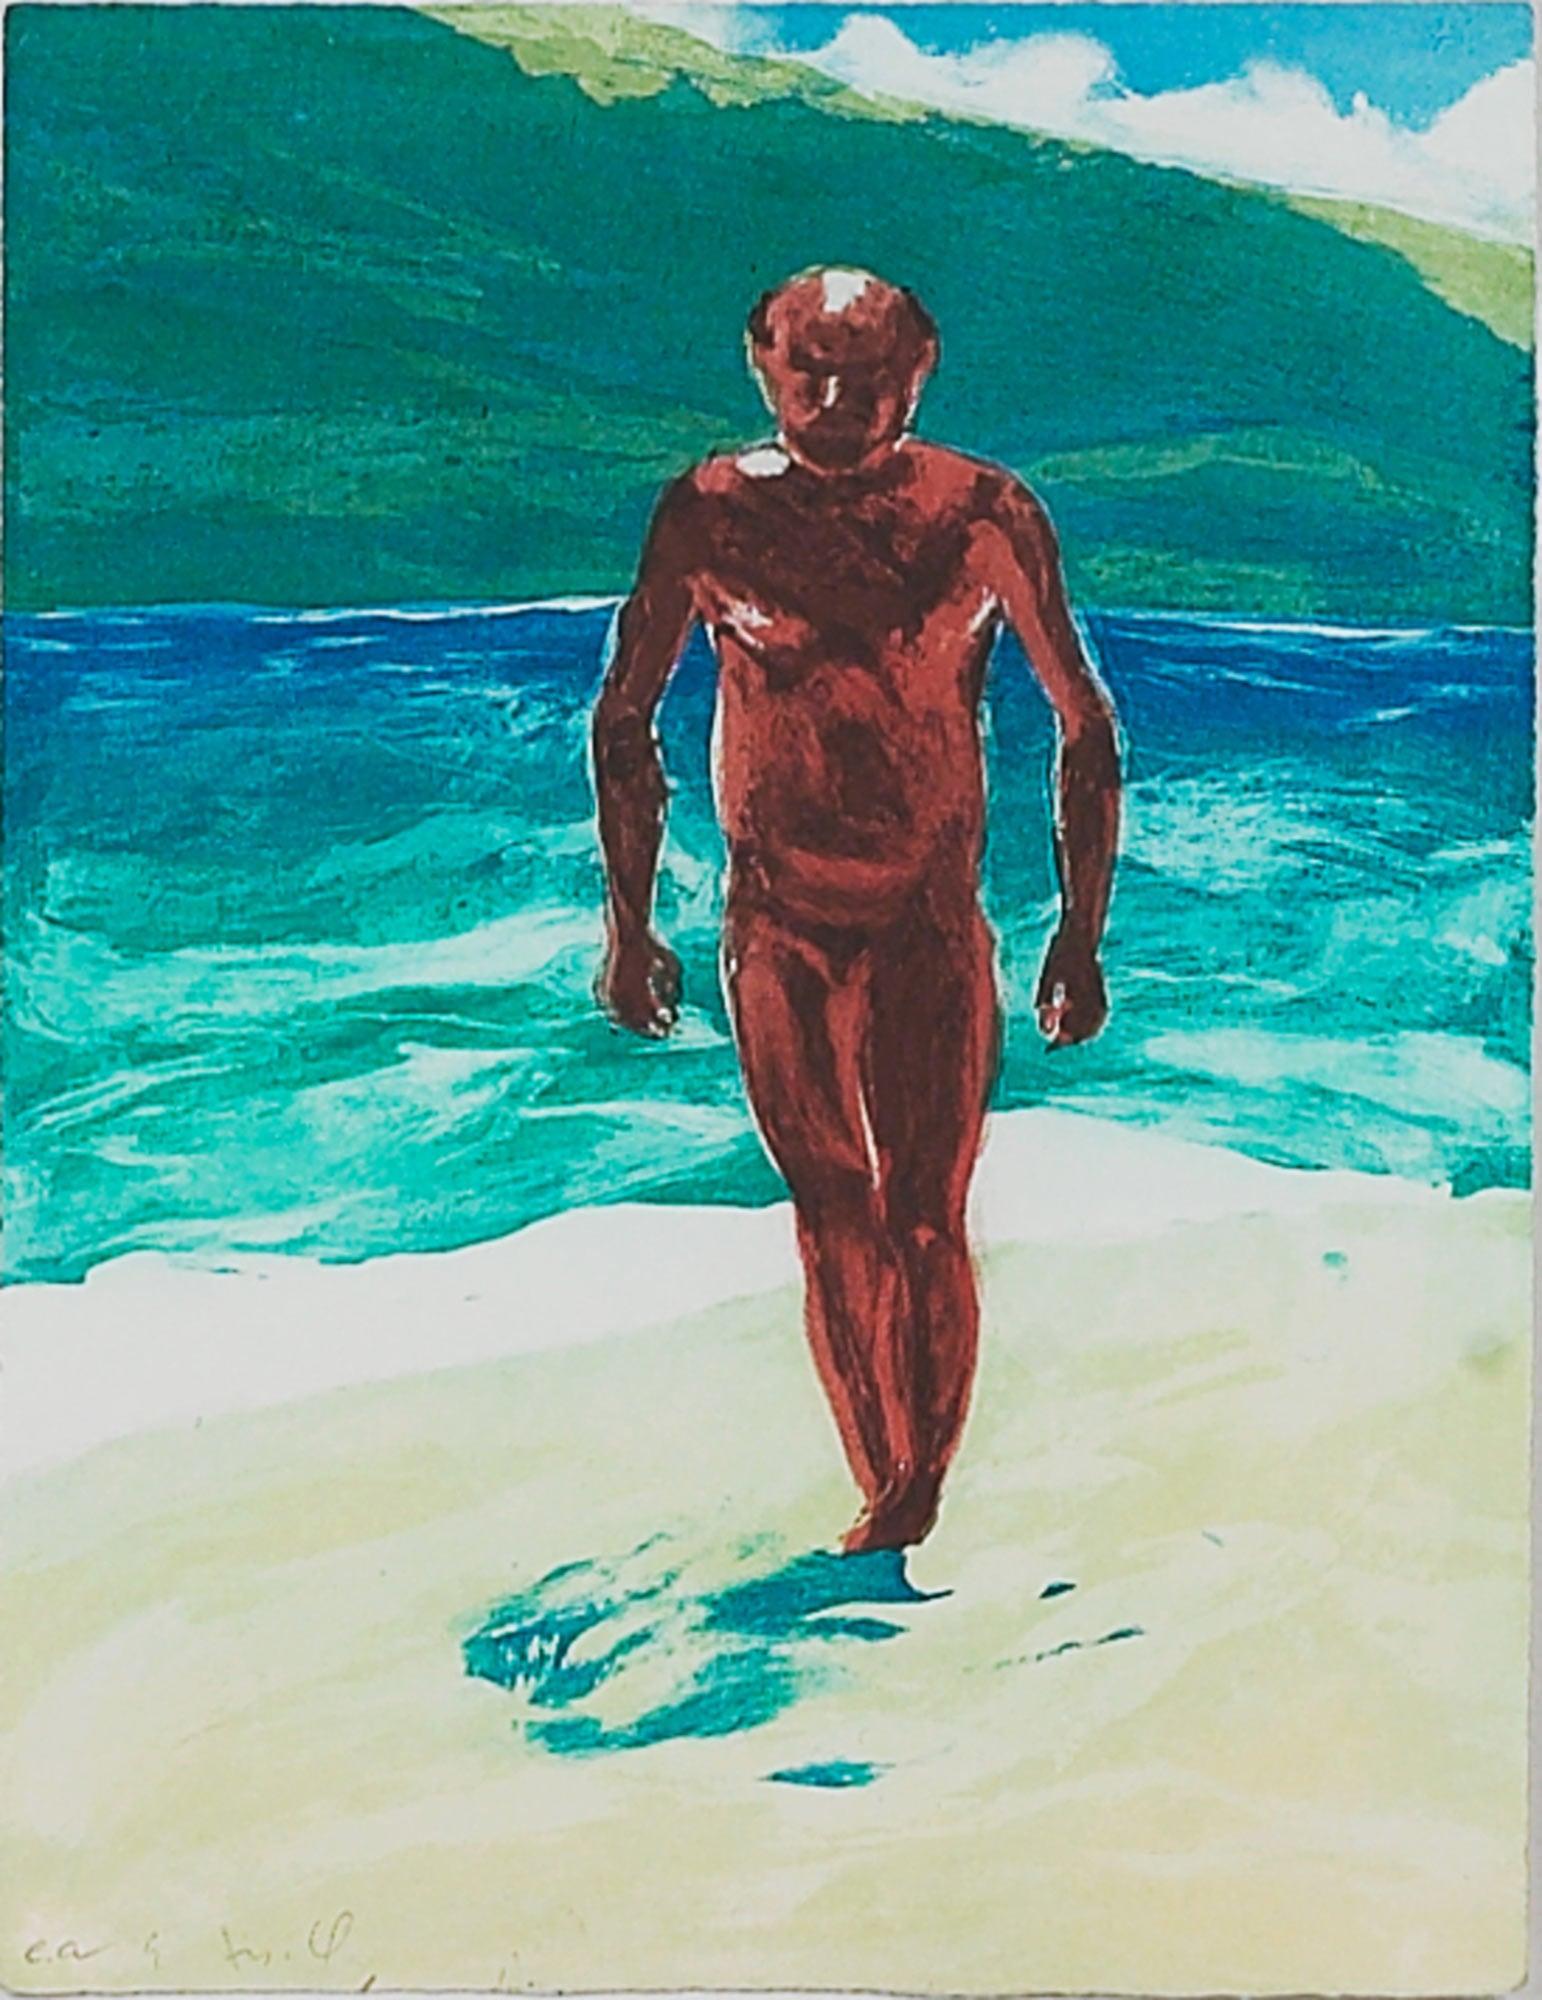 Untitled (Man Walking)